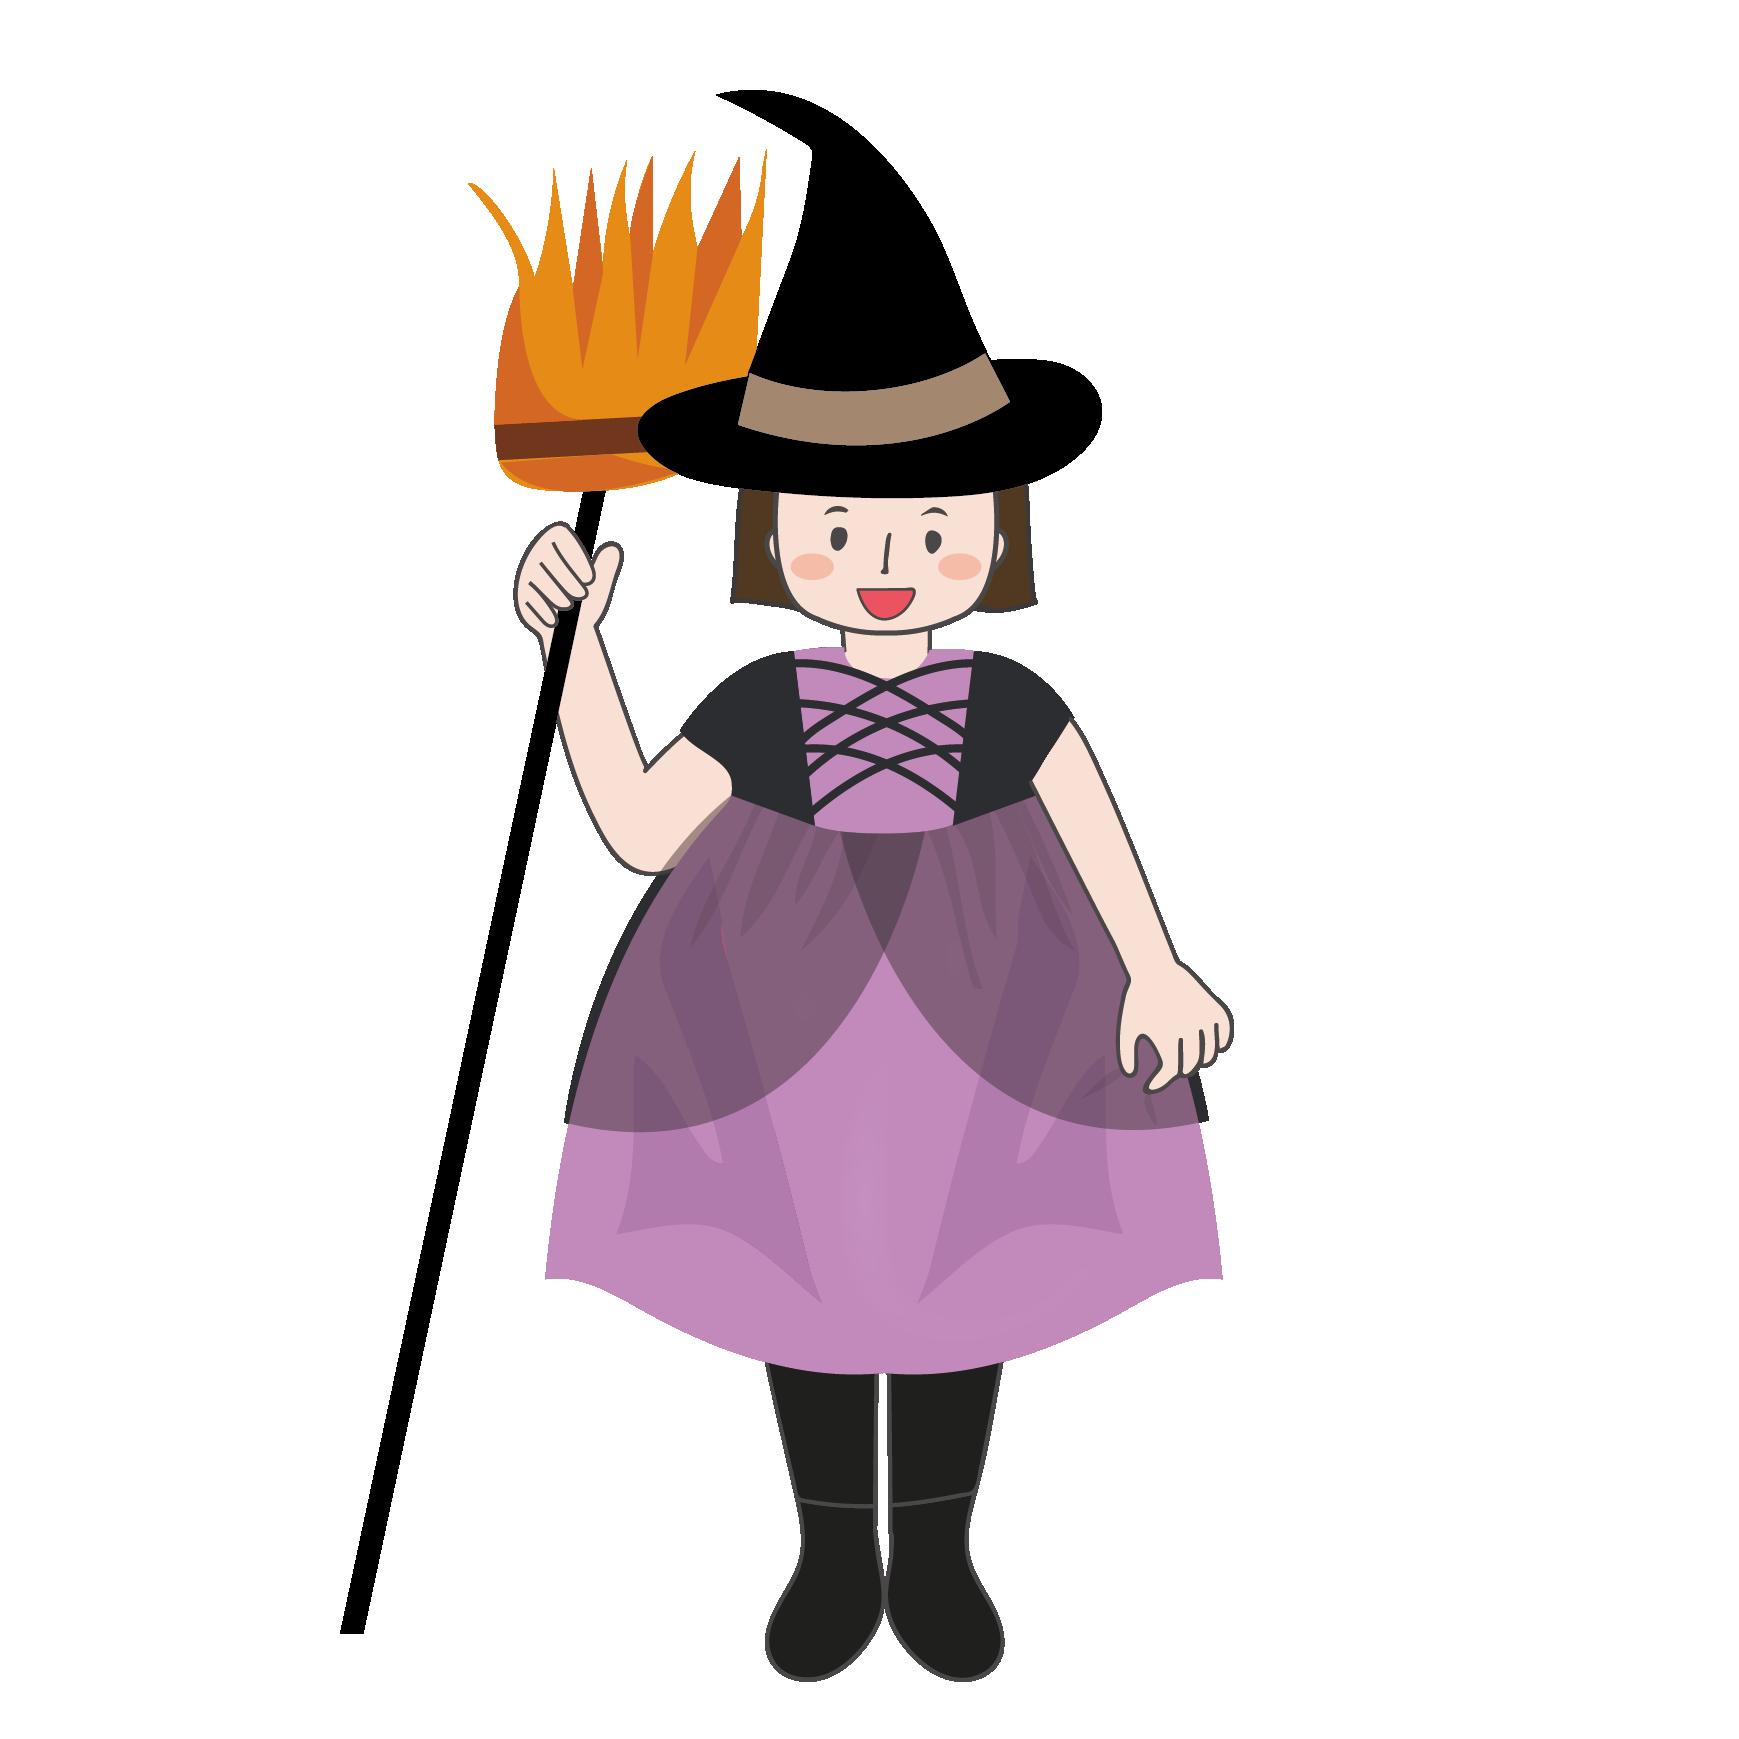 ハロウィン 魔女の仮装をした女の子の フリー イラスト 商用フリー